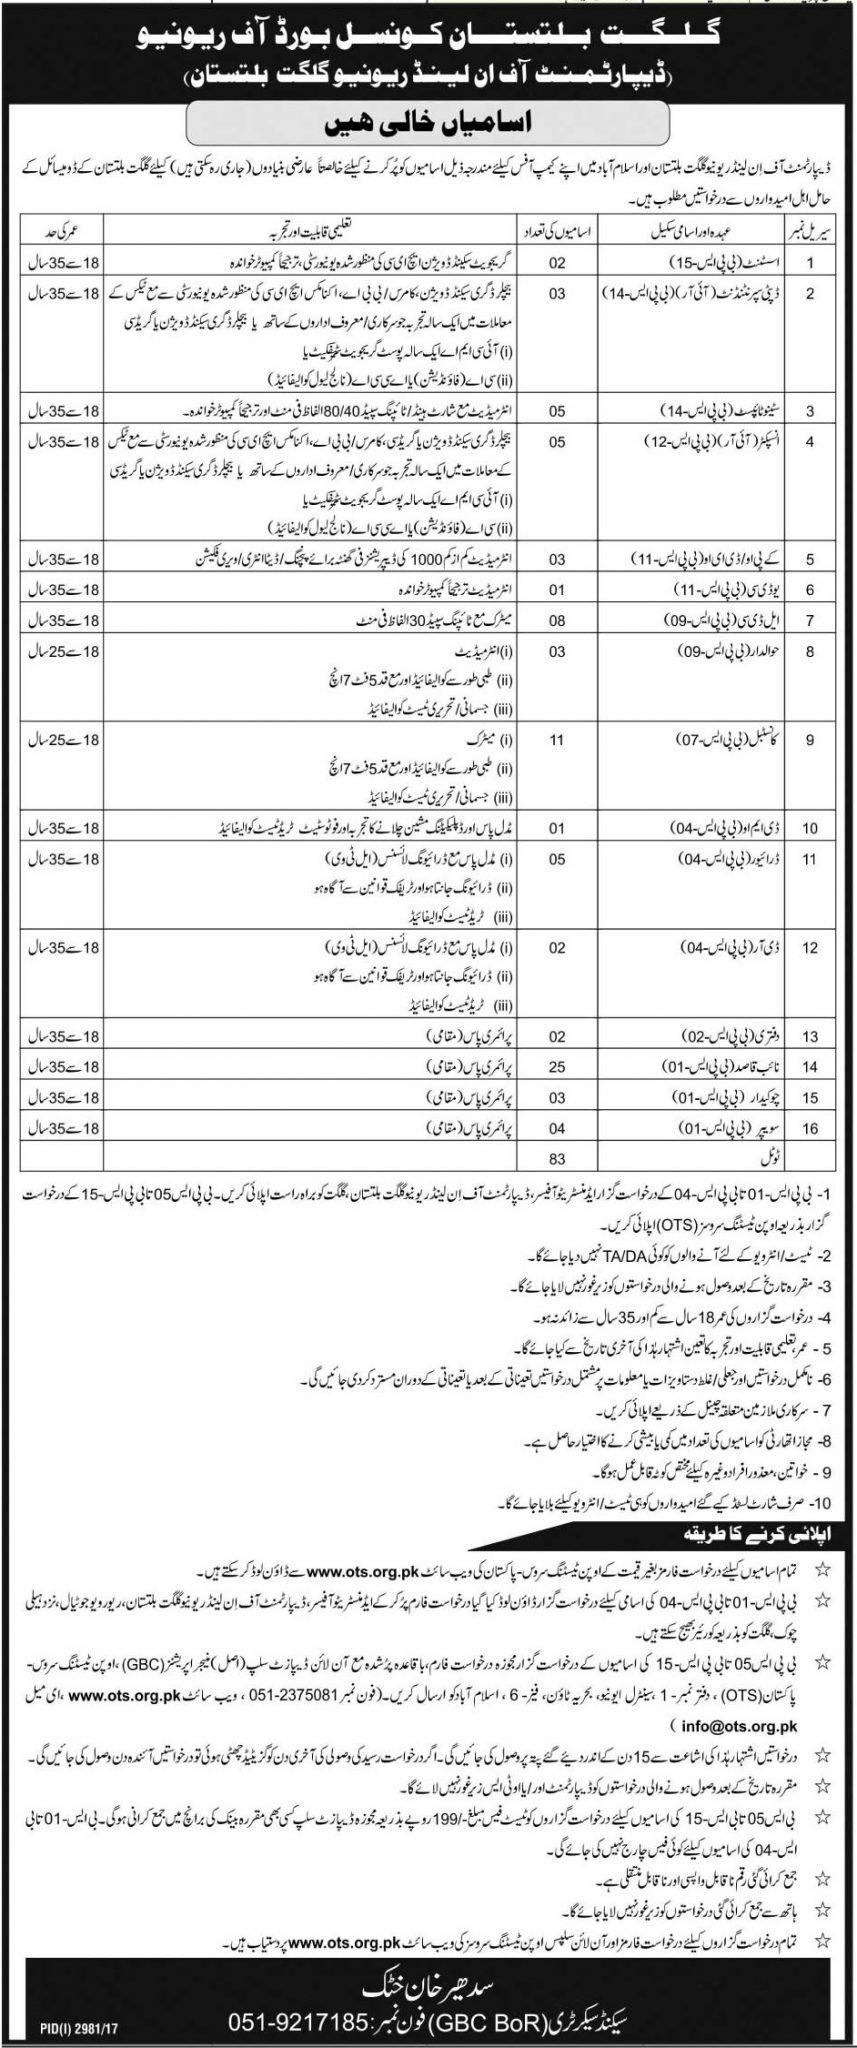 Gilgit Baltistan Revenue Department Jobs Jang Newspaper 06 December 2017